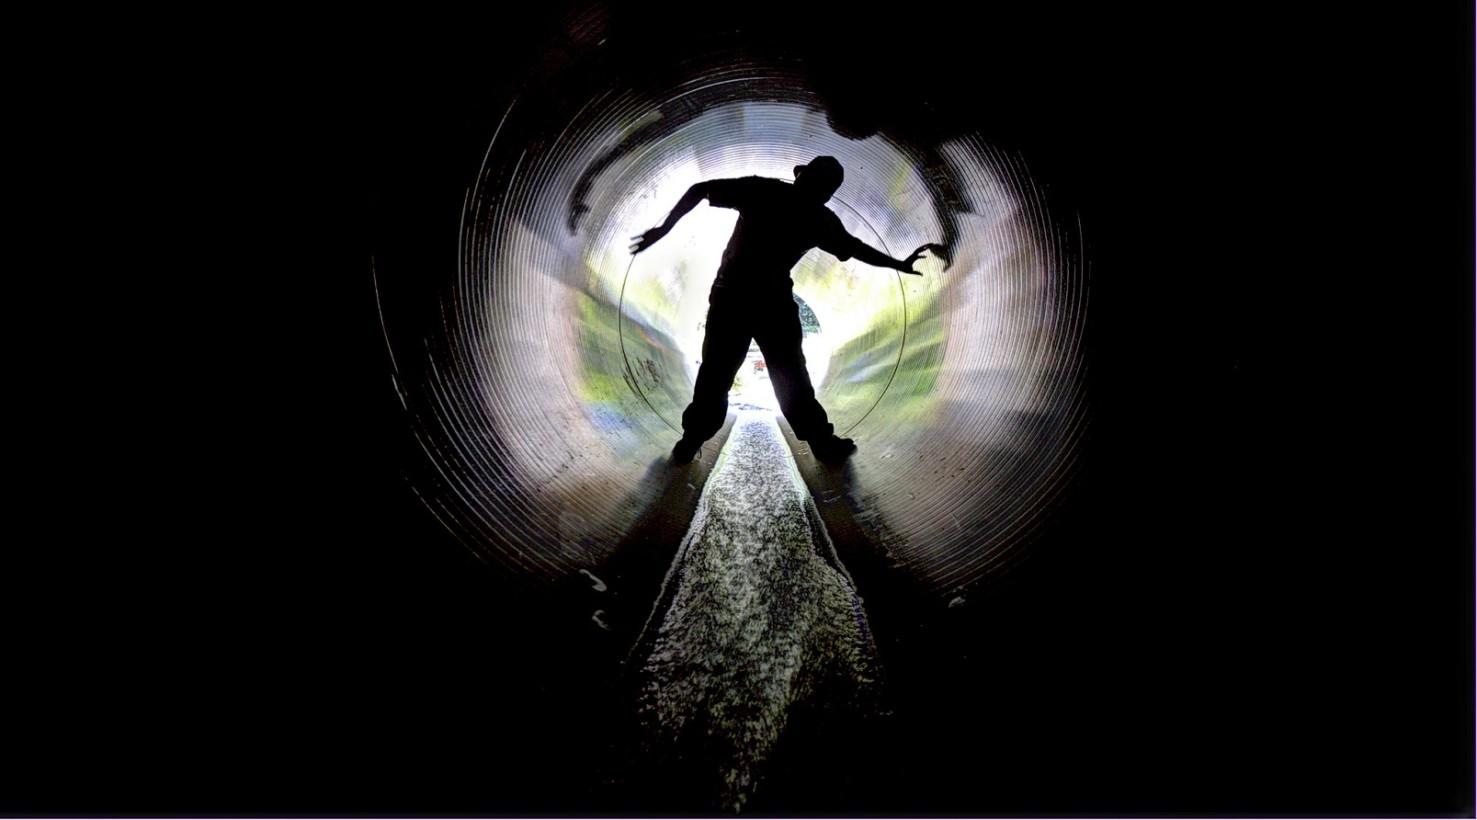 Alleged dark web drug kingpin found dead in Thailand